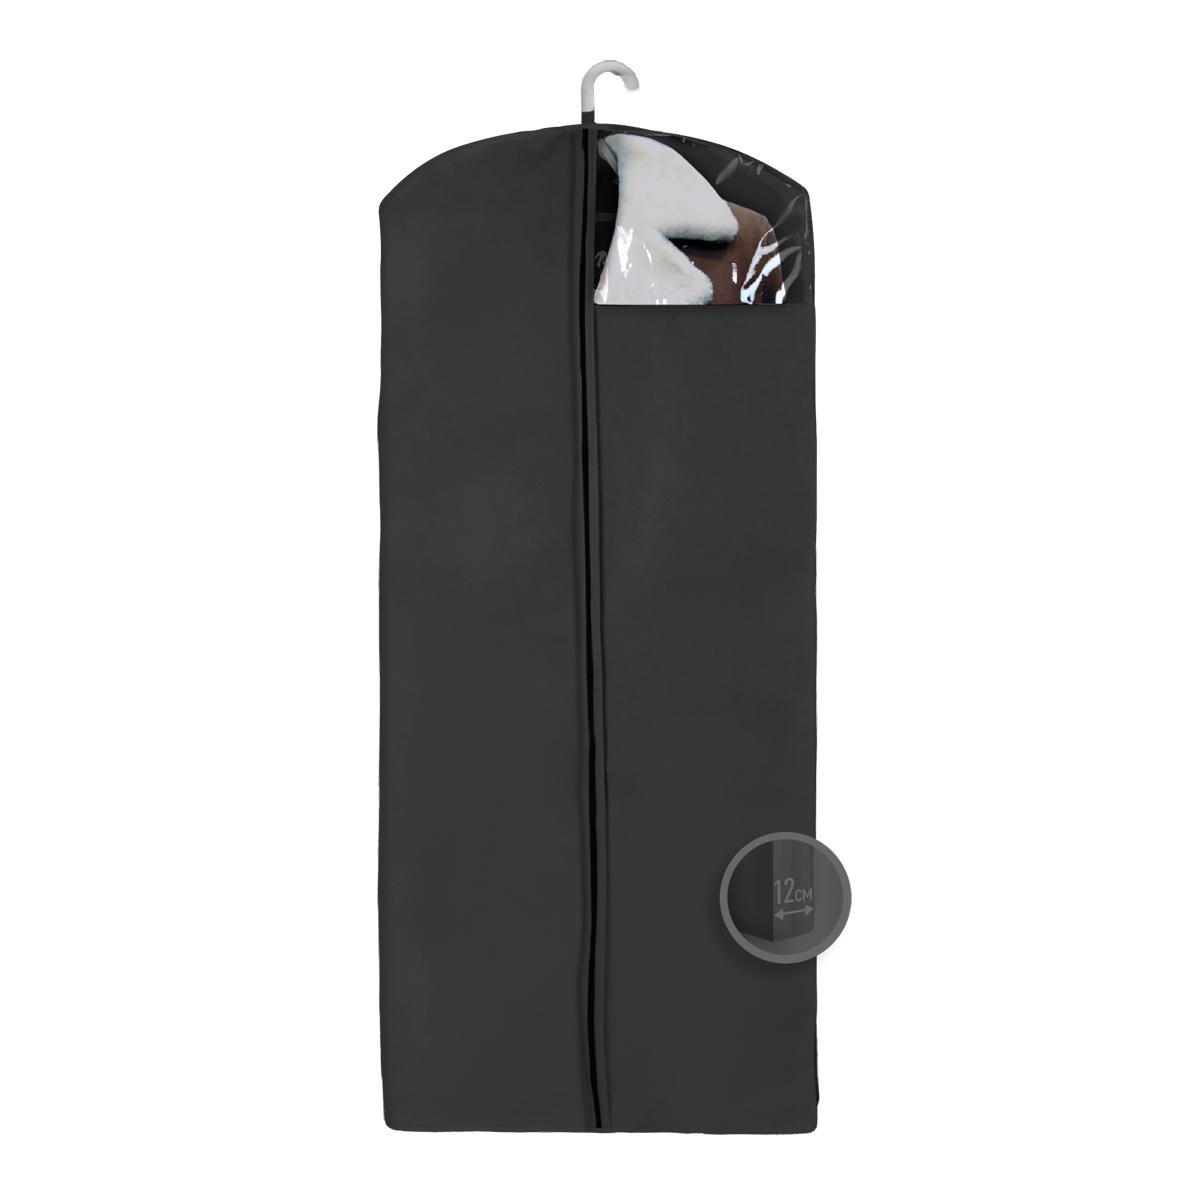 Чехол для верхней одежды Miolla, с окошком, цвет: черный, 140 х 60 х 12 смCHL-4-4Чехол для верхней одежды Miolla на застежке-молнии выполнен из высококачественного нетканого материала. Прозрачное полиэтиленовое окошко позволяет видеть содержимое чехла. Подходит для длительного хранения вещей.Чехол обеспечивает вашей одежде надежную защиту от влажности, повреждений и грязи при транспортировке, от запыления при хранении и проникновения моли. Чехол обладает водоотталкивающими свойствами, а также позволяет воздуху свободно поступать внутрь вещей, обеспечивая их кондиционирование. Это особенно важно при хранении кожаных и меховых изделий.Размер чехла: 140 х 60 х 12 см.